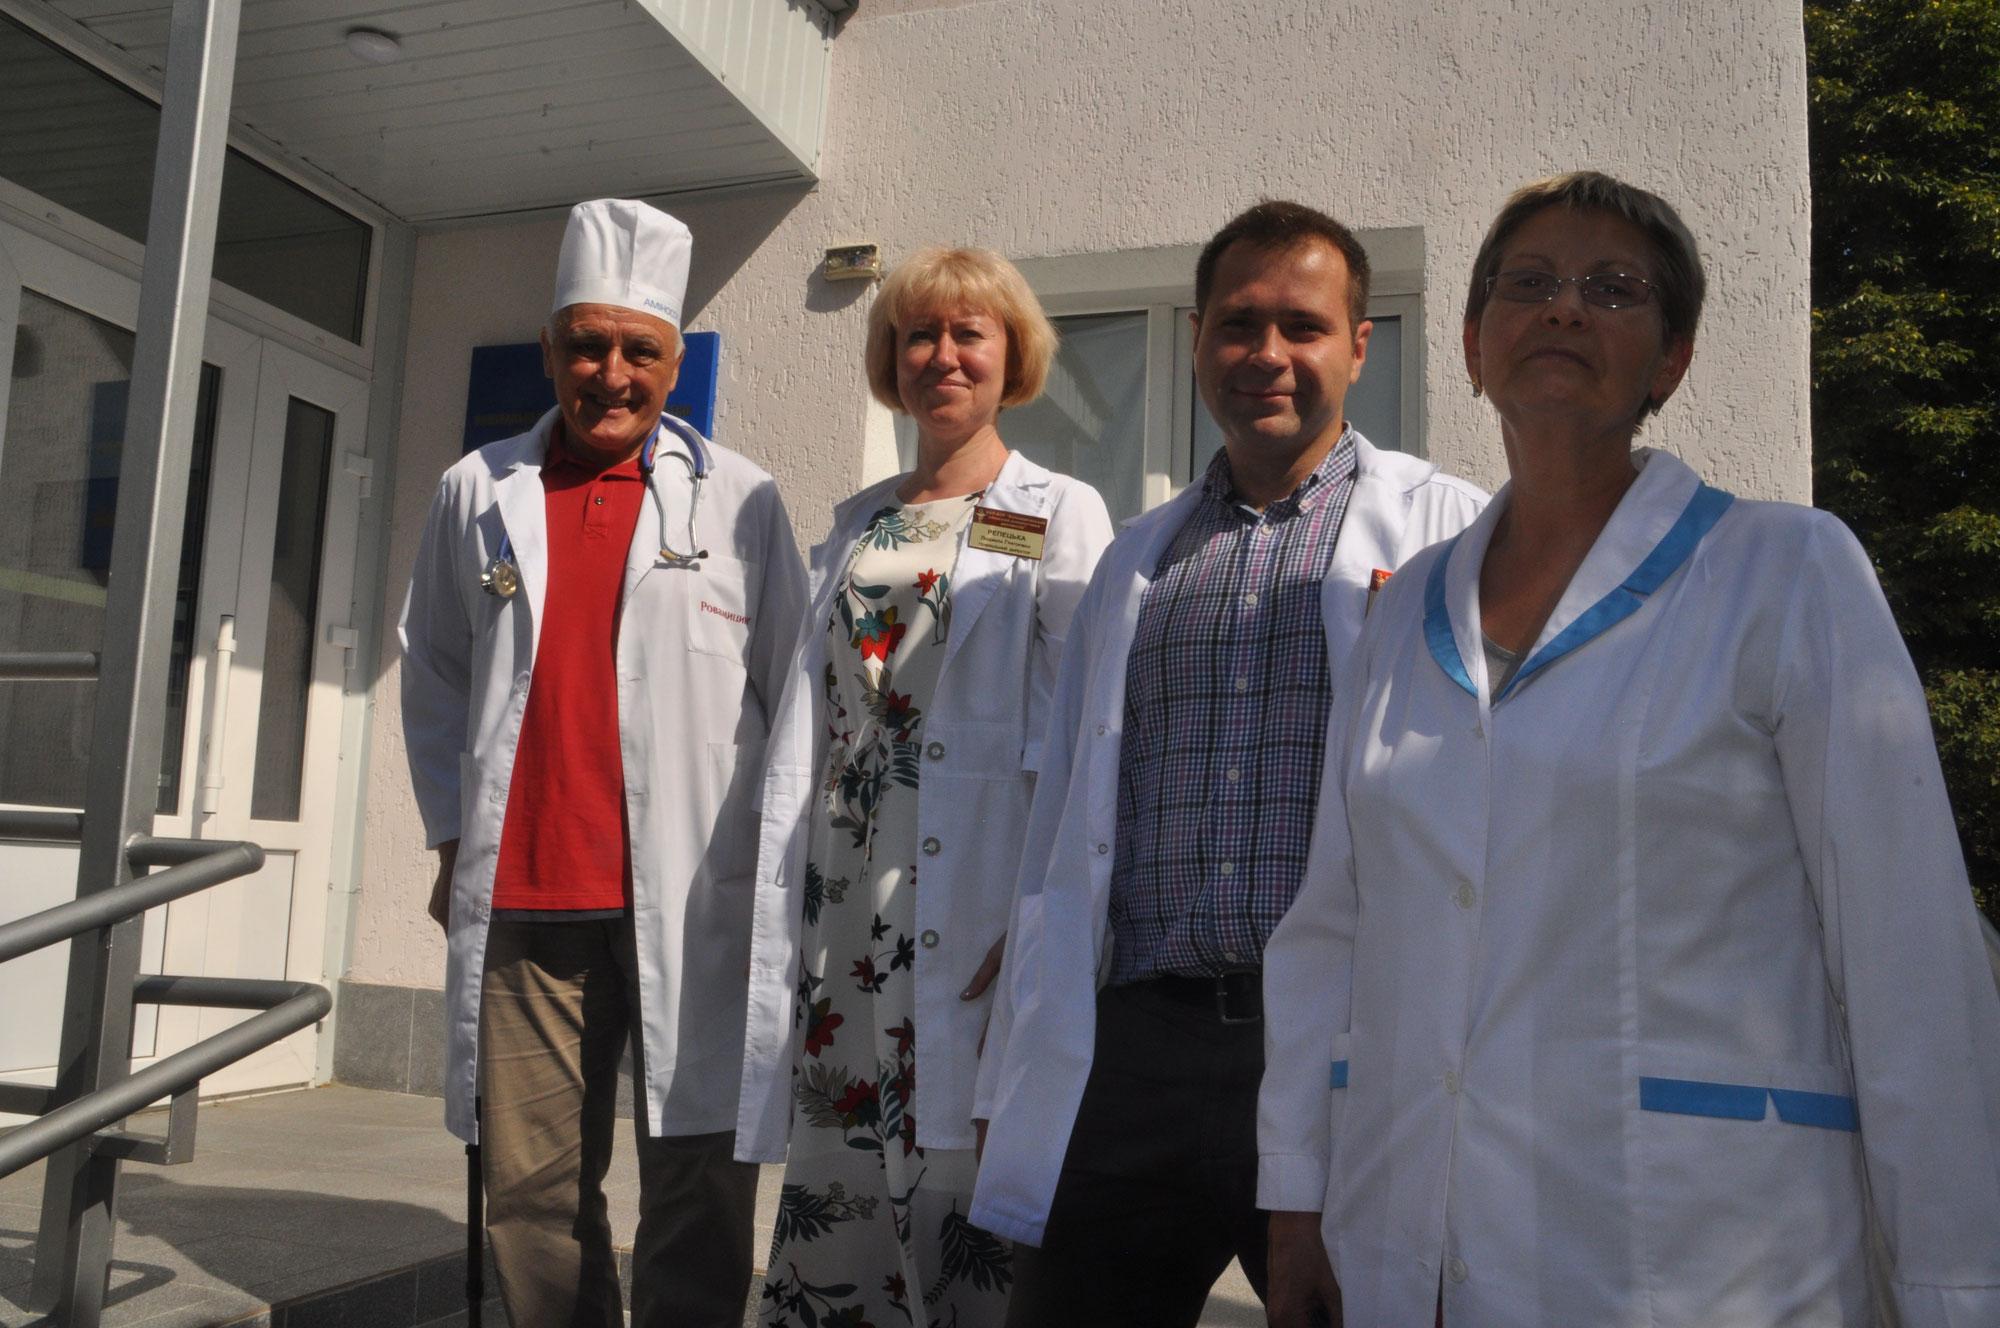 Das onkologische Krankenhaus in Bila Zerkwa braucht unsere Unterstützung